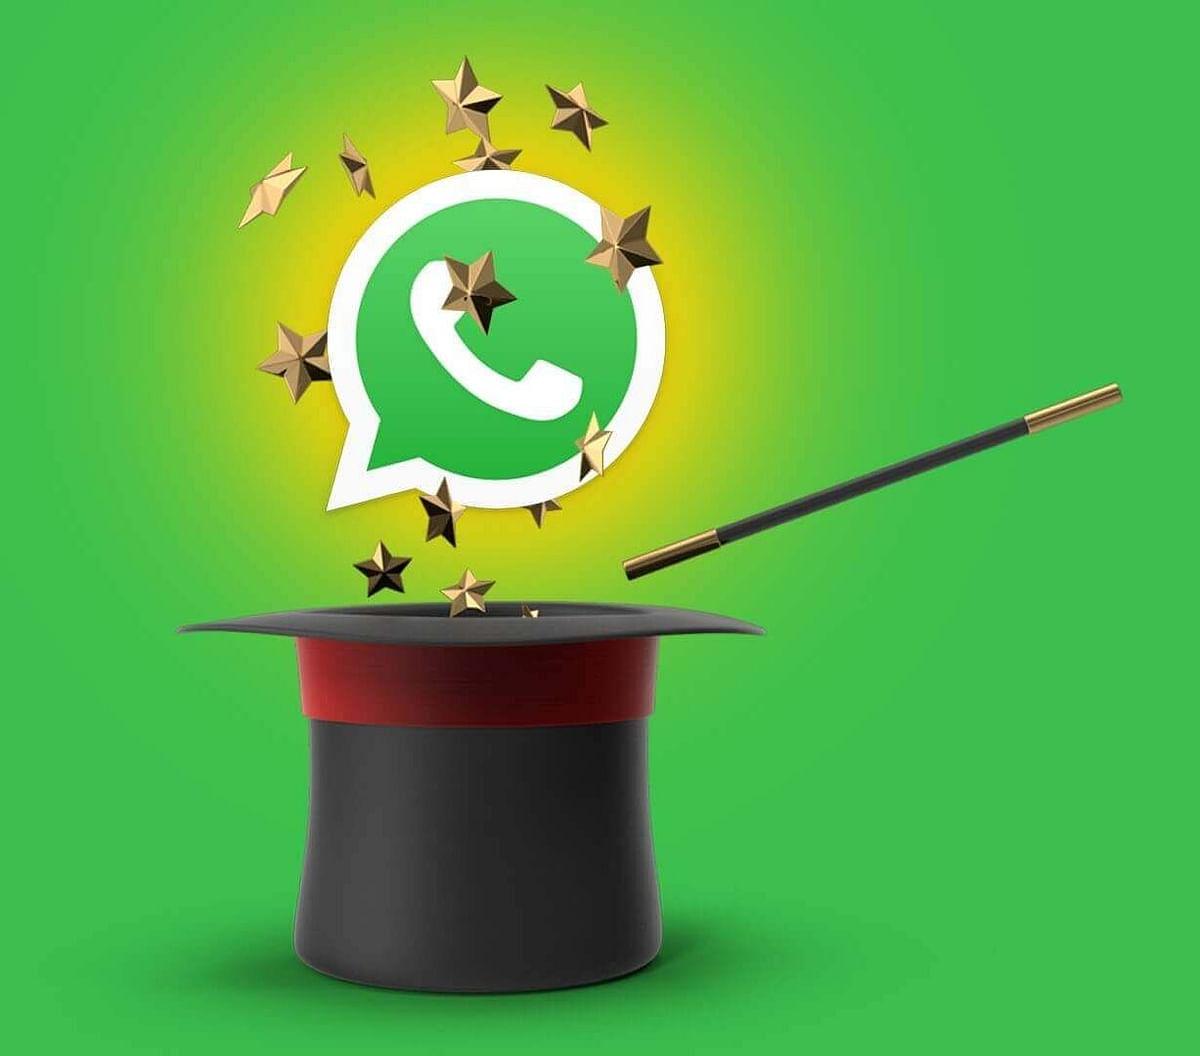 WhatsApp स्टेटस देखने के बाद भी Seen में नहीं आएगा आपका नाम, जानें Trick